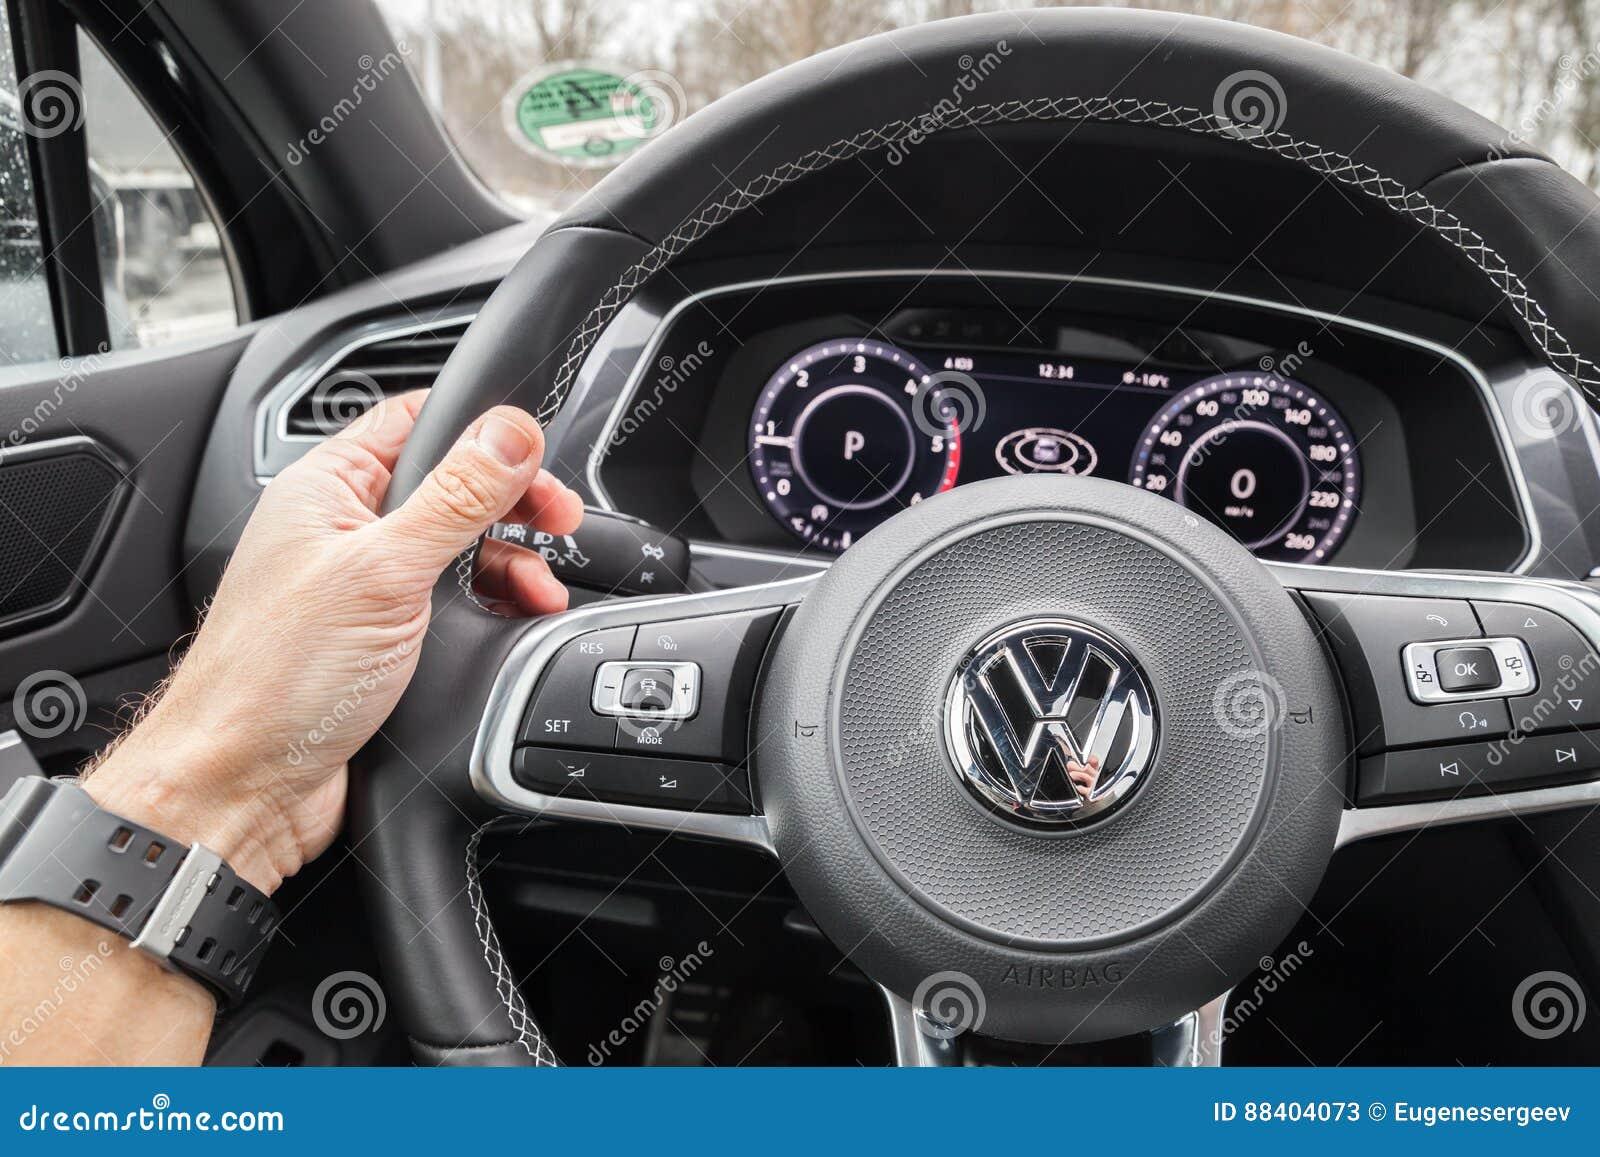 Volkswagen Tiguan 2017 Steering Wheel Editorial Stock